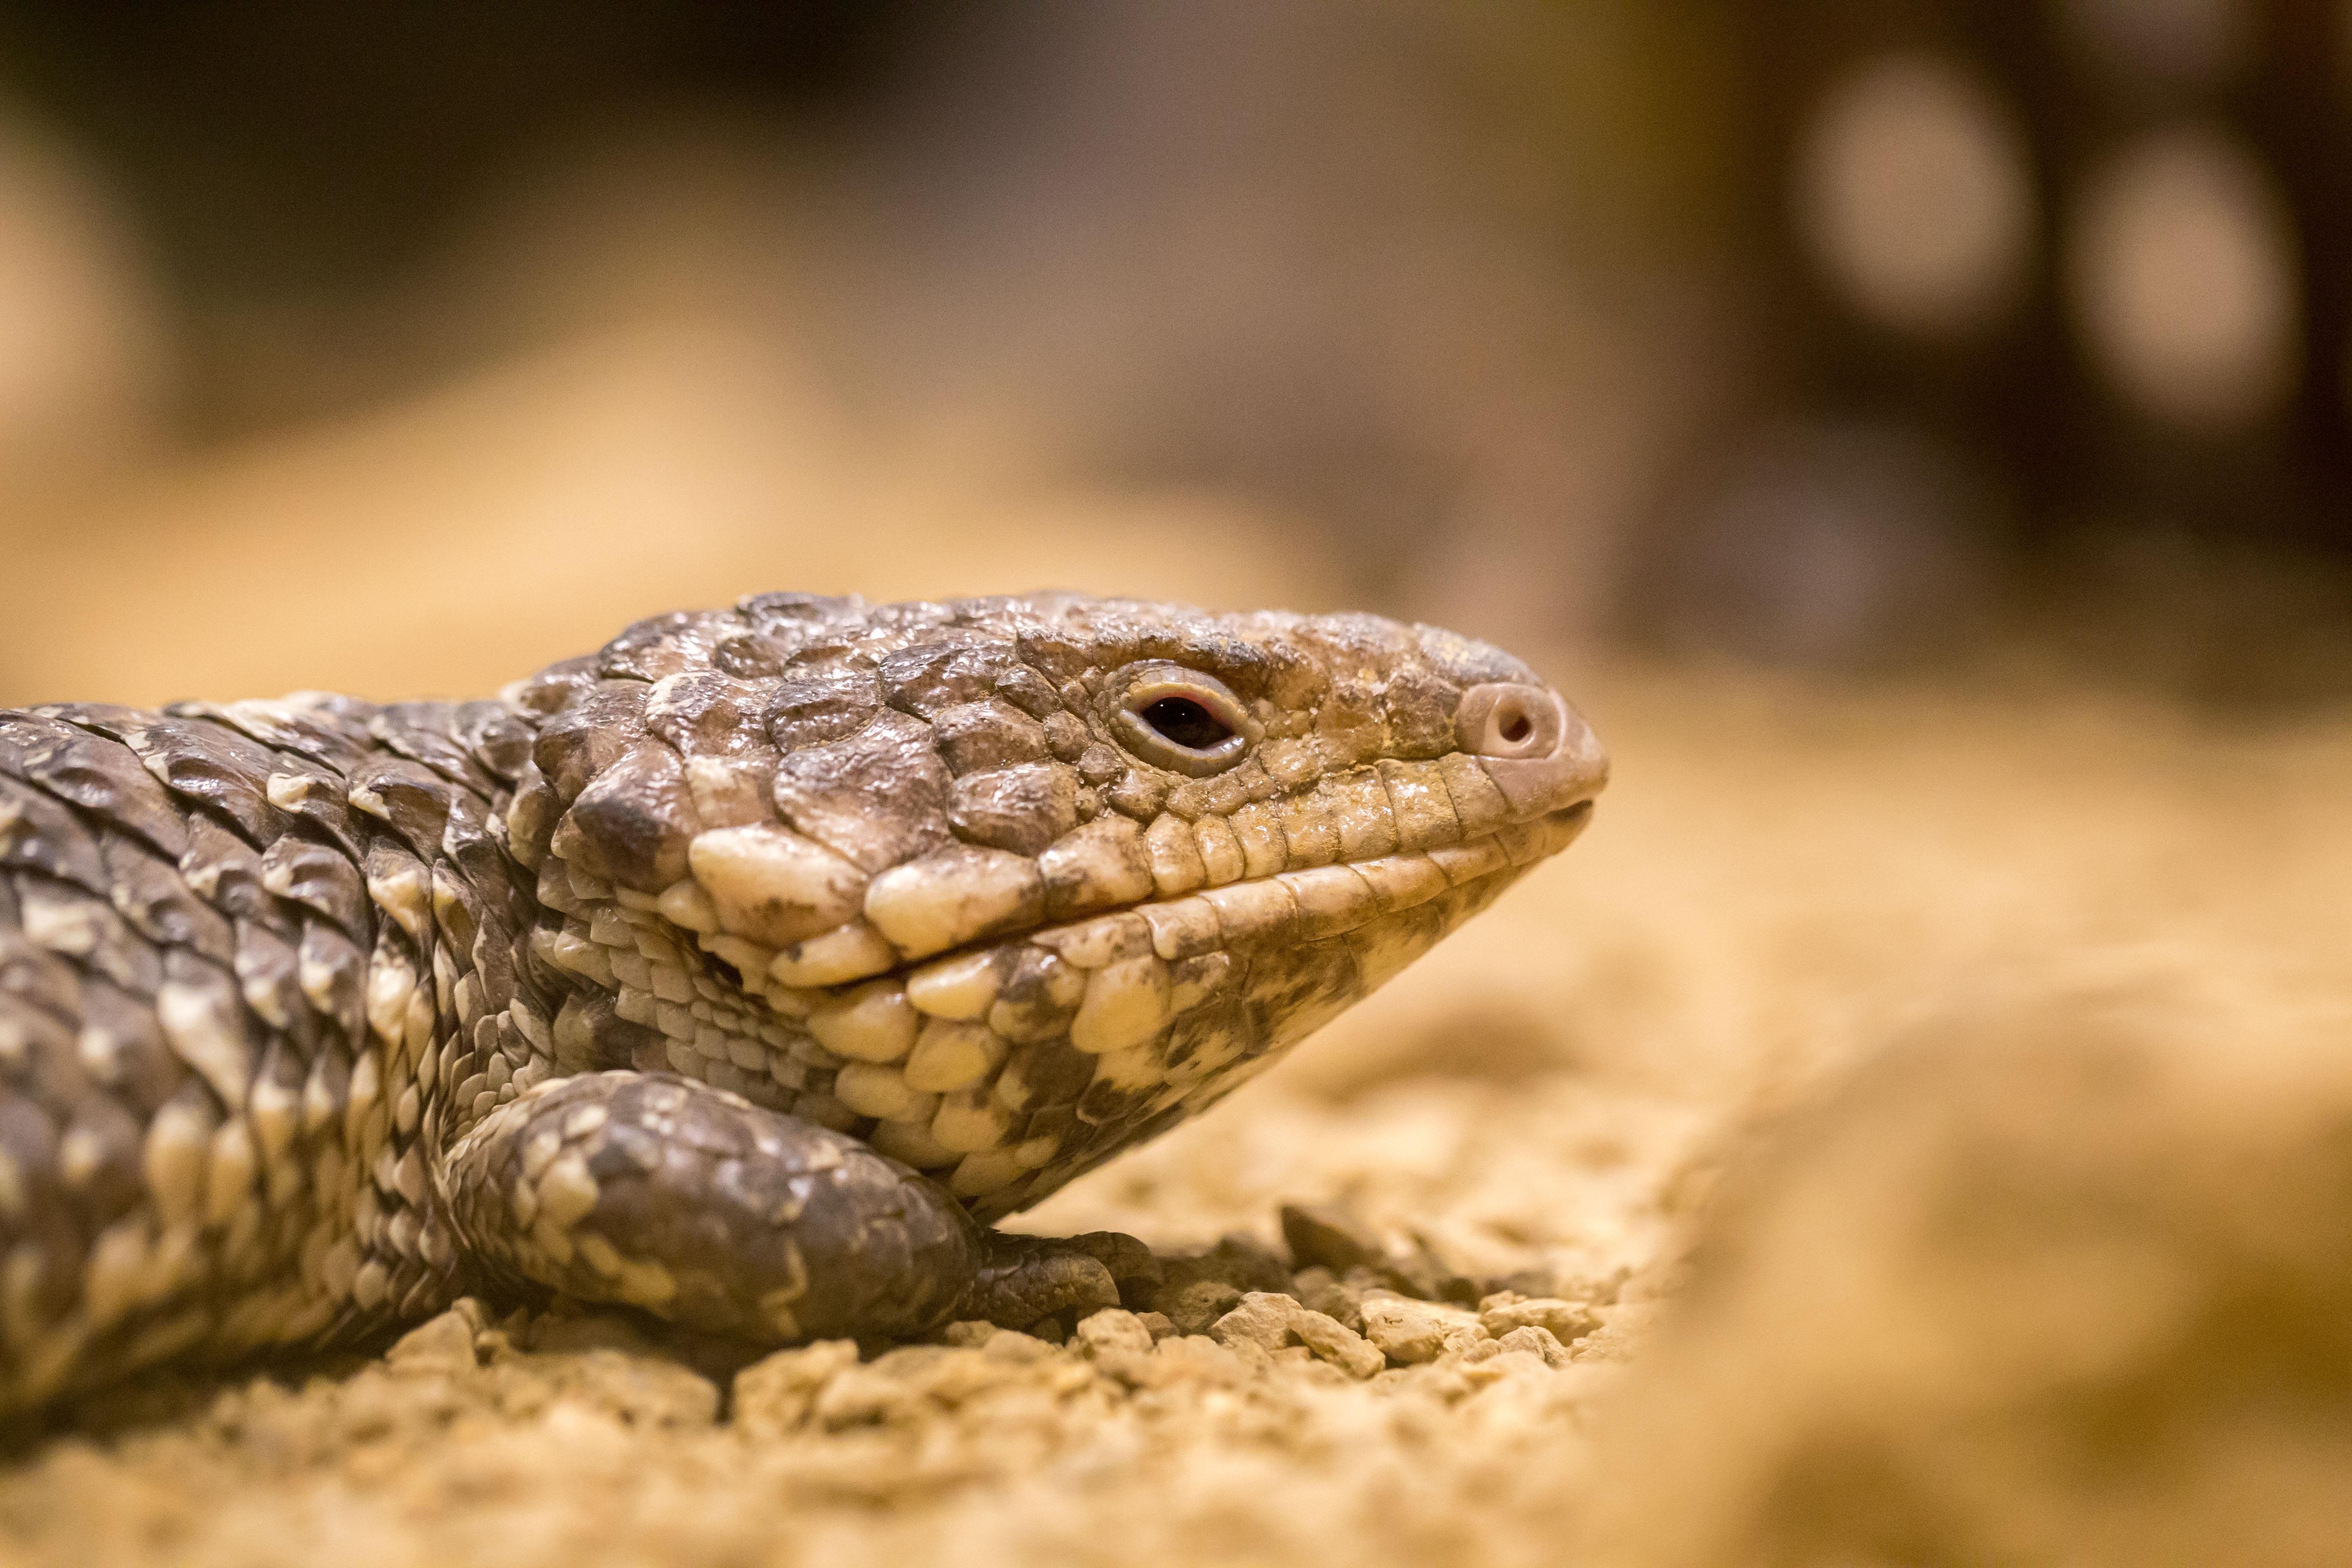 102798 Hintergrundbild herunterladen Tiere, Nahaufnahme, Farbe, Eidechse, Reptil, Reptile - Bildschirmschoner und Bilder kostenlos